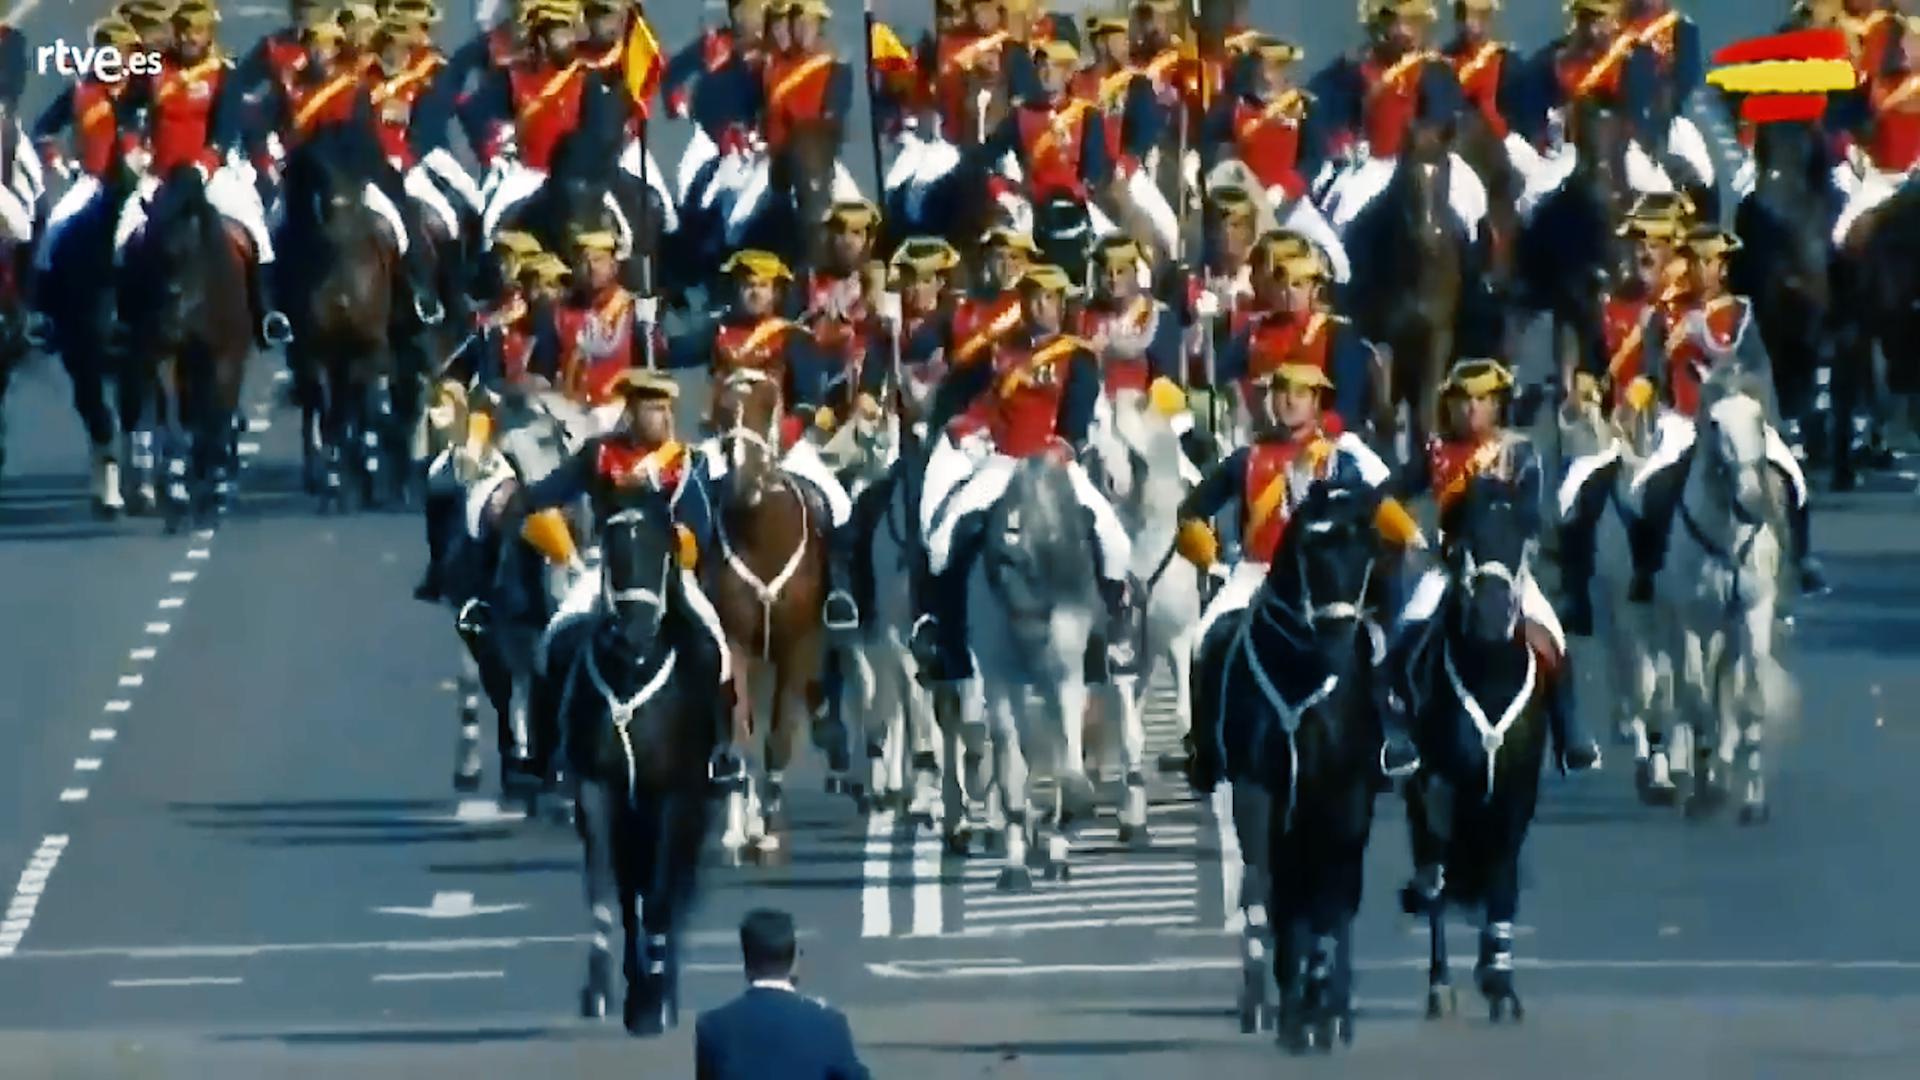 西班牙2019国庆日阅兵,骑兵方队接受检阅全过程!